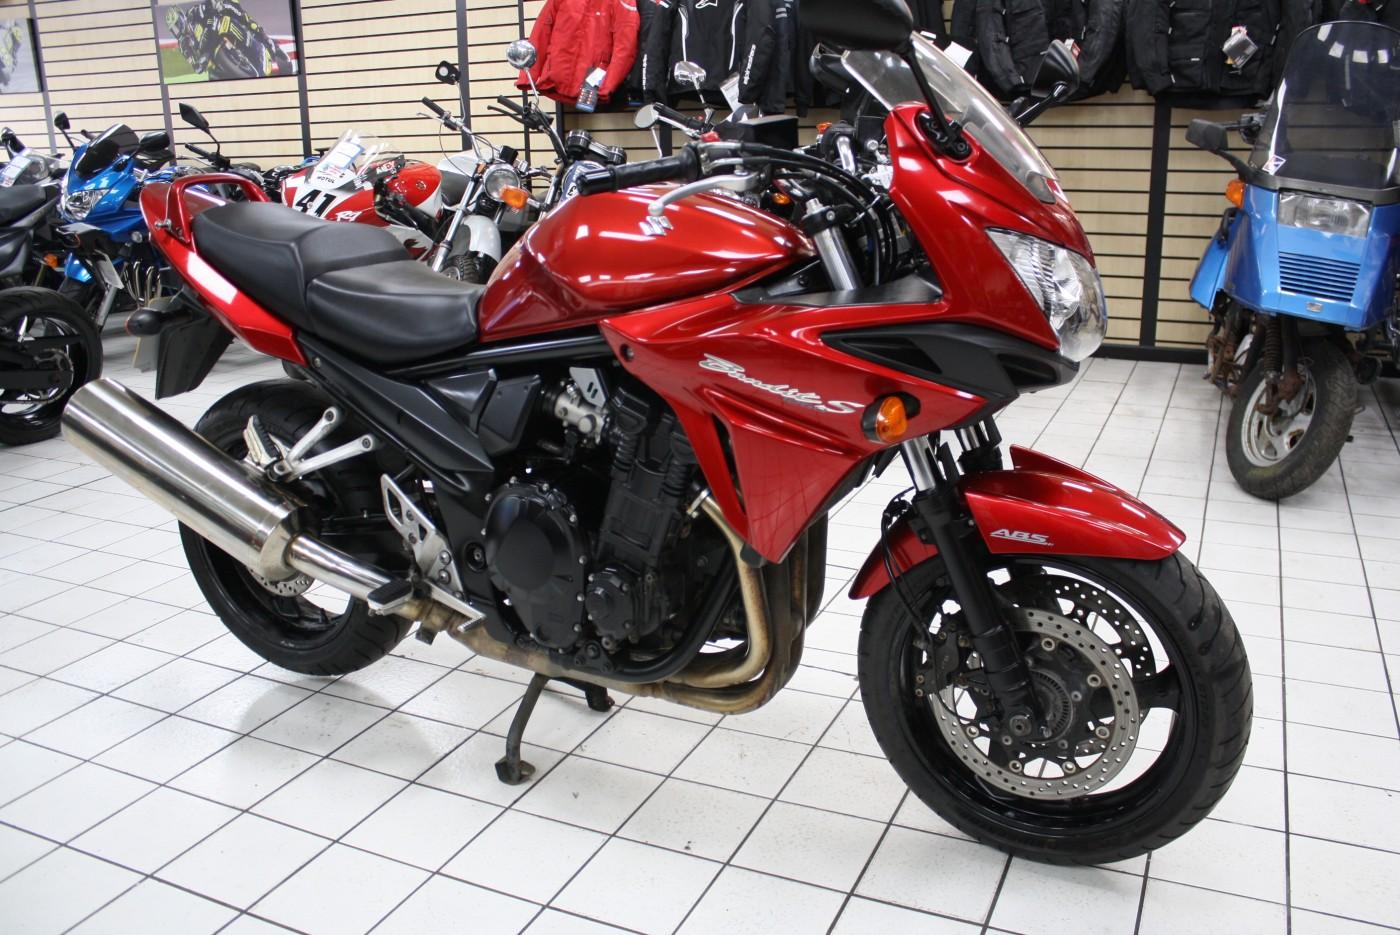 2015 Suzuki GSF1250 Bandit 25k